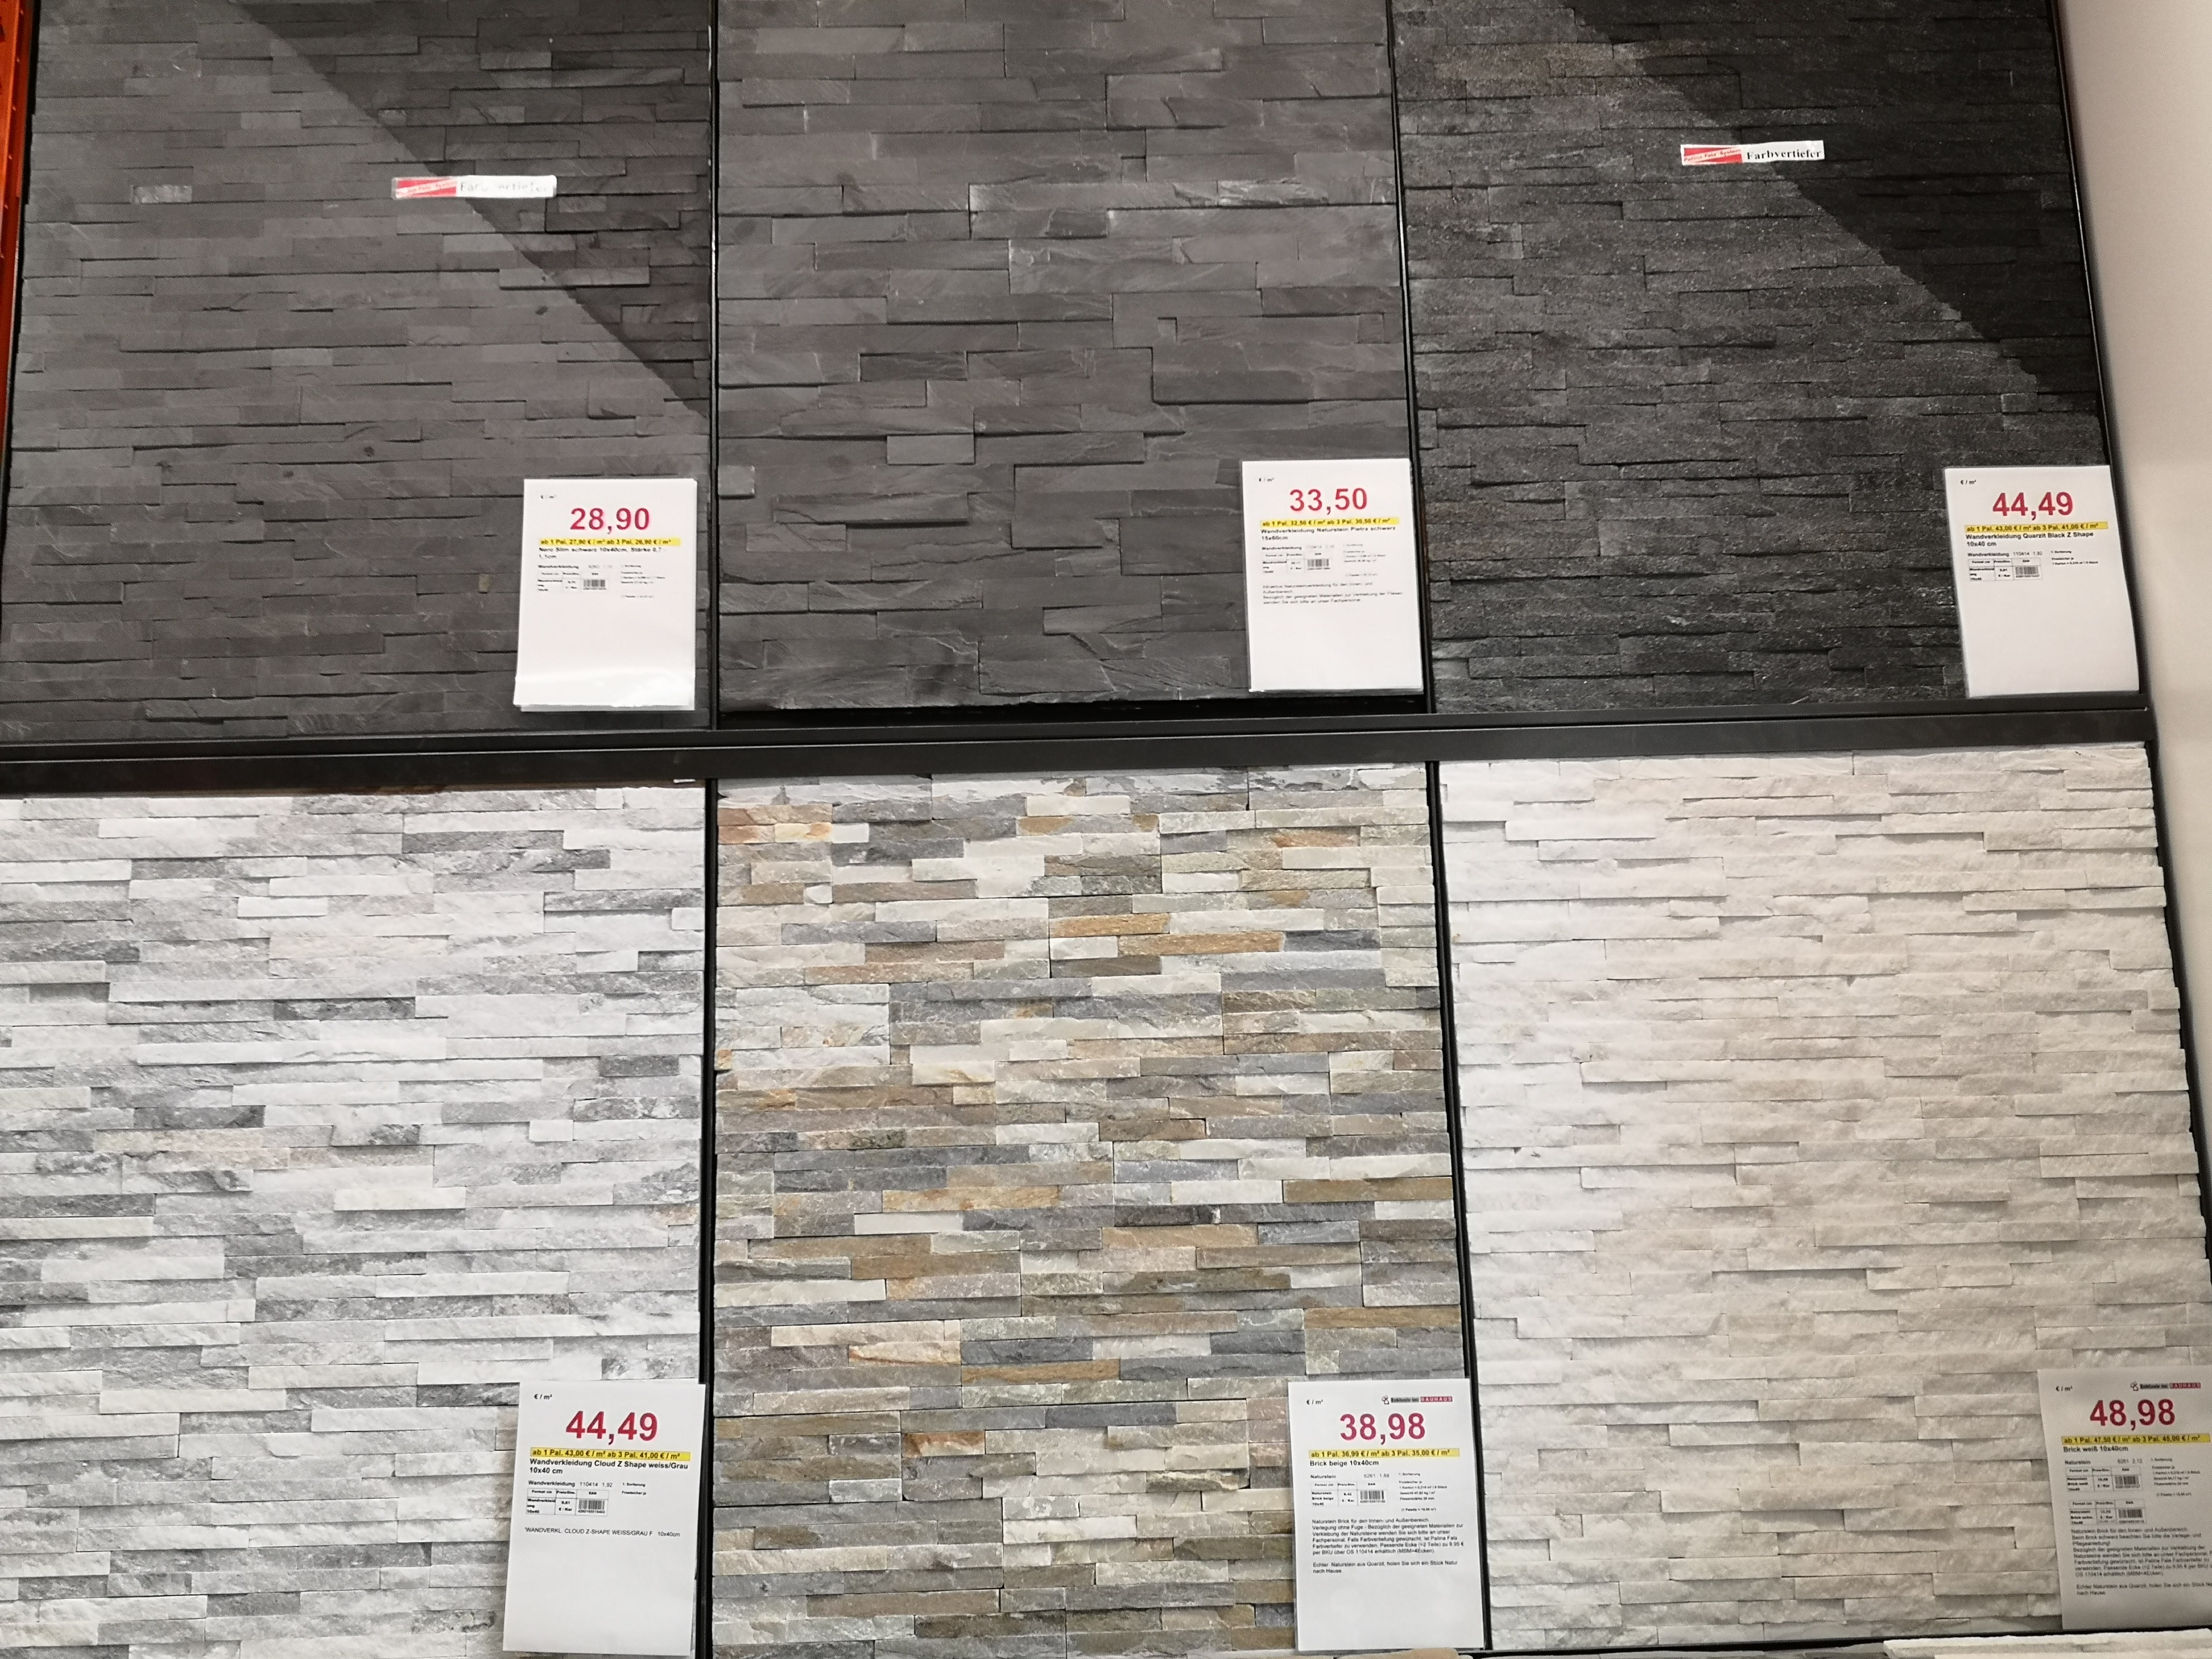 Küchenrückwand in Steinverblender Wandverblender